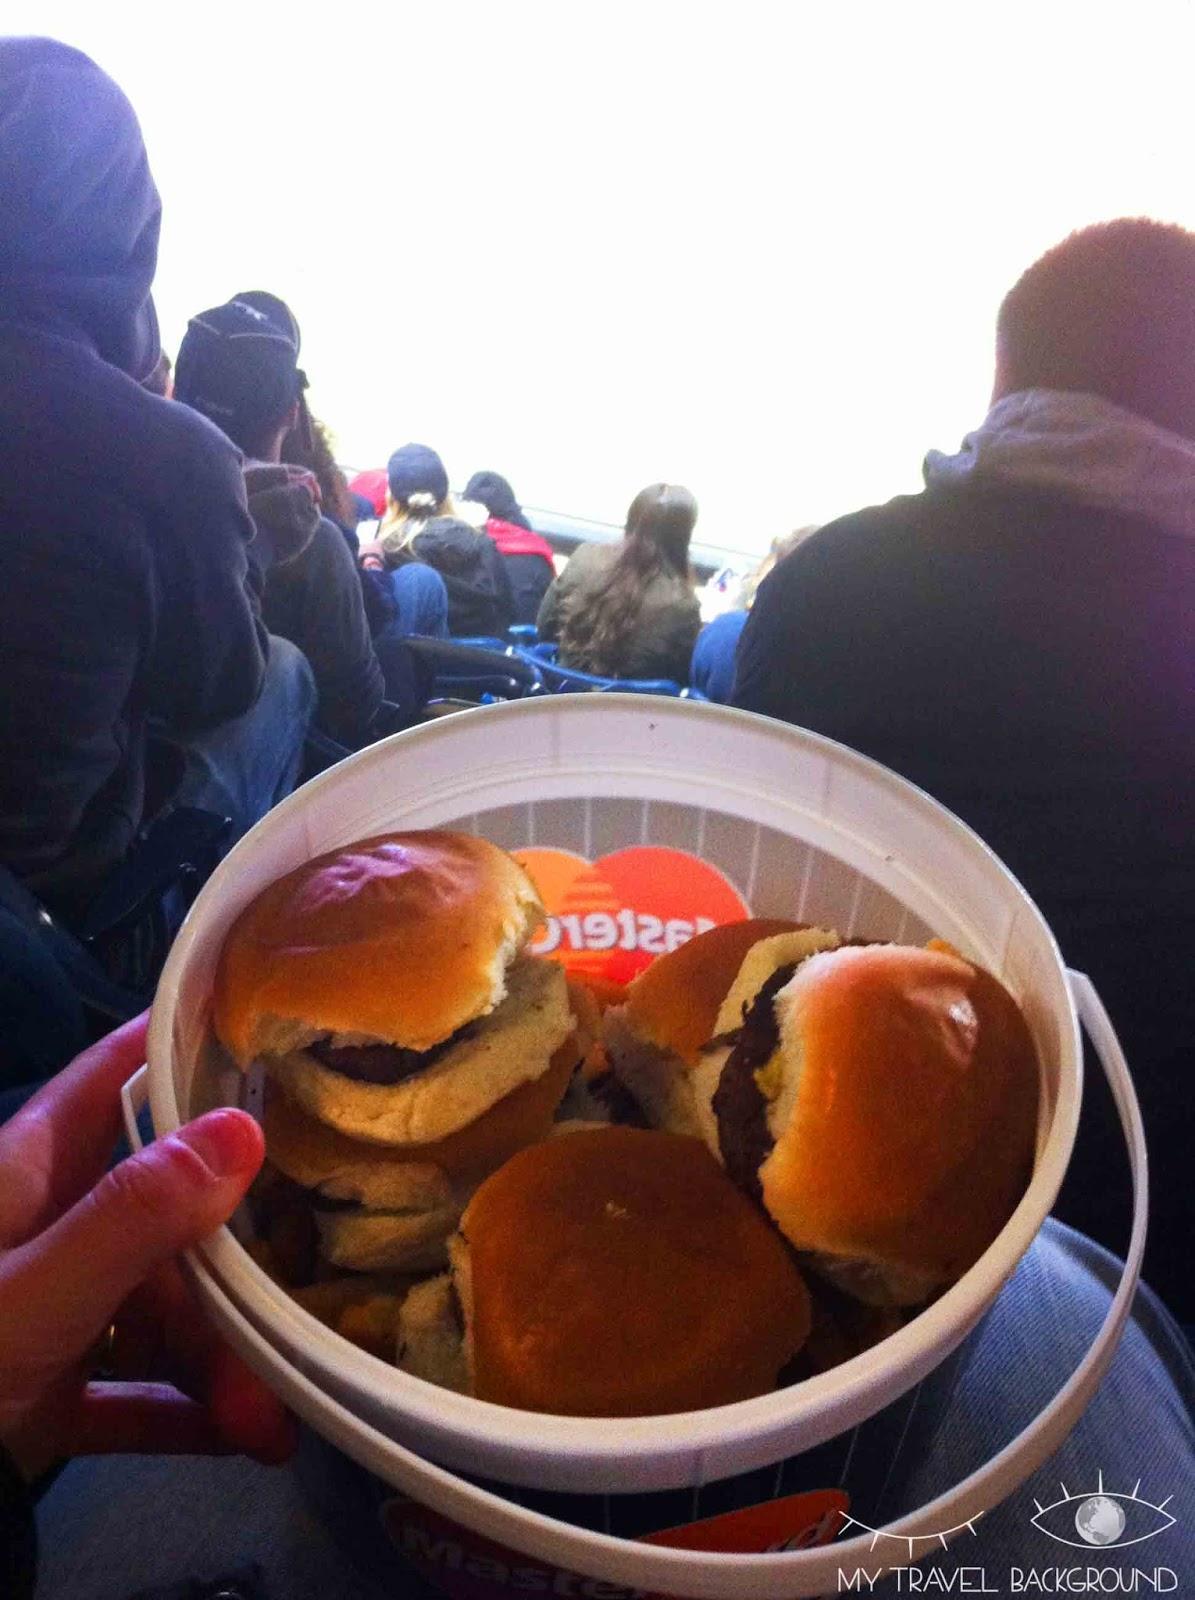 My Travel Background : 14 plats typiques dégustés en voyage - Seau de burgers aux Etats-Unis (New York)